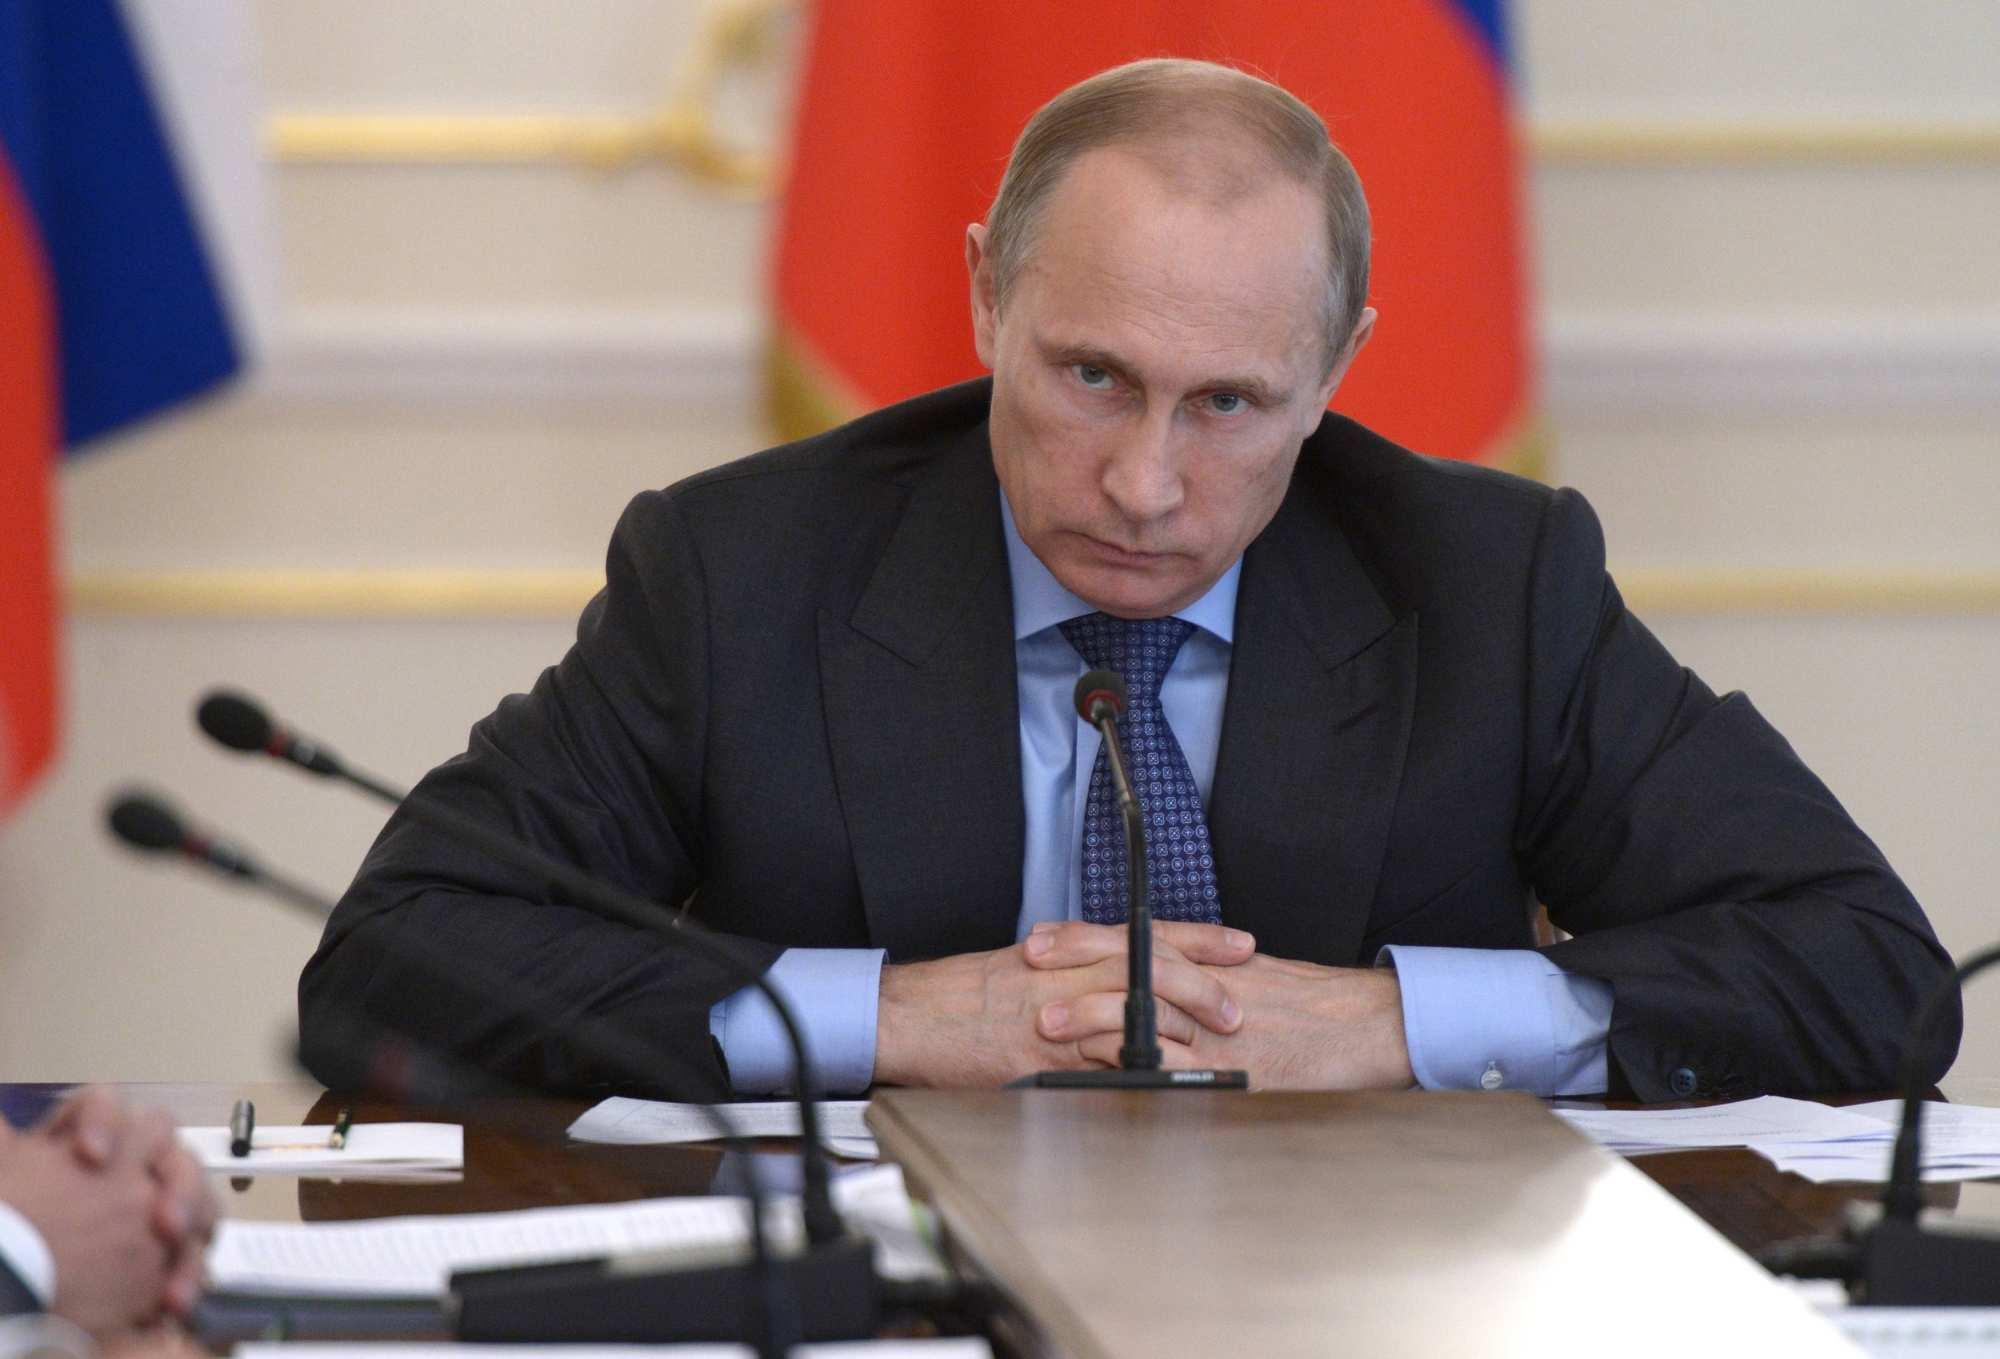 Подробно: Встреча Путина с главами Минобороны и МИД по сирийскому вопросу (полный текст, ВИДЕО) | Русская весна